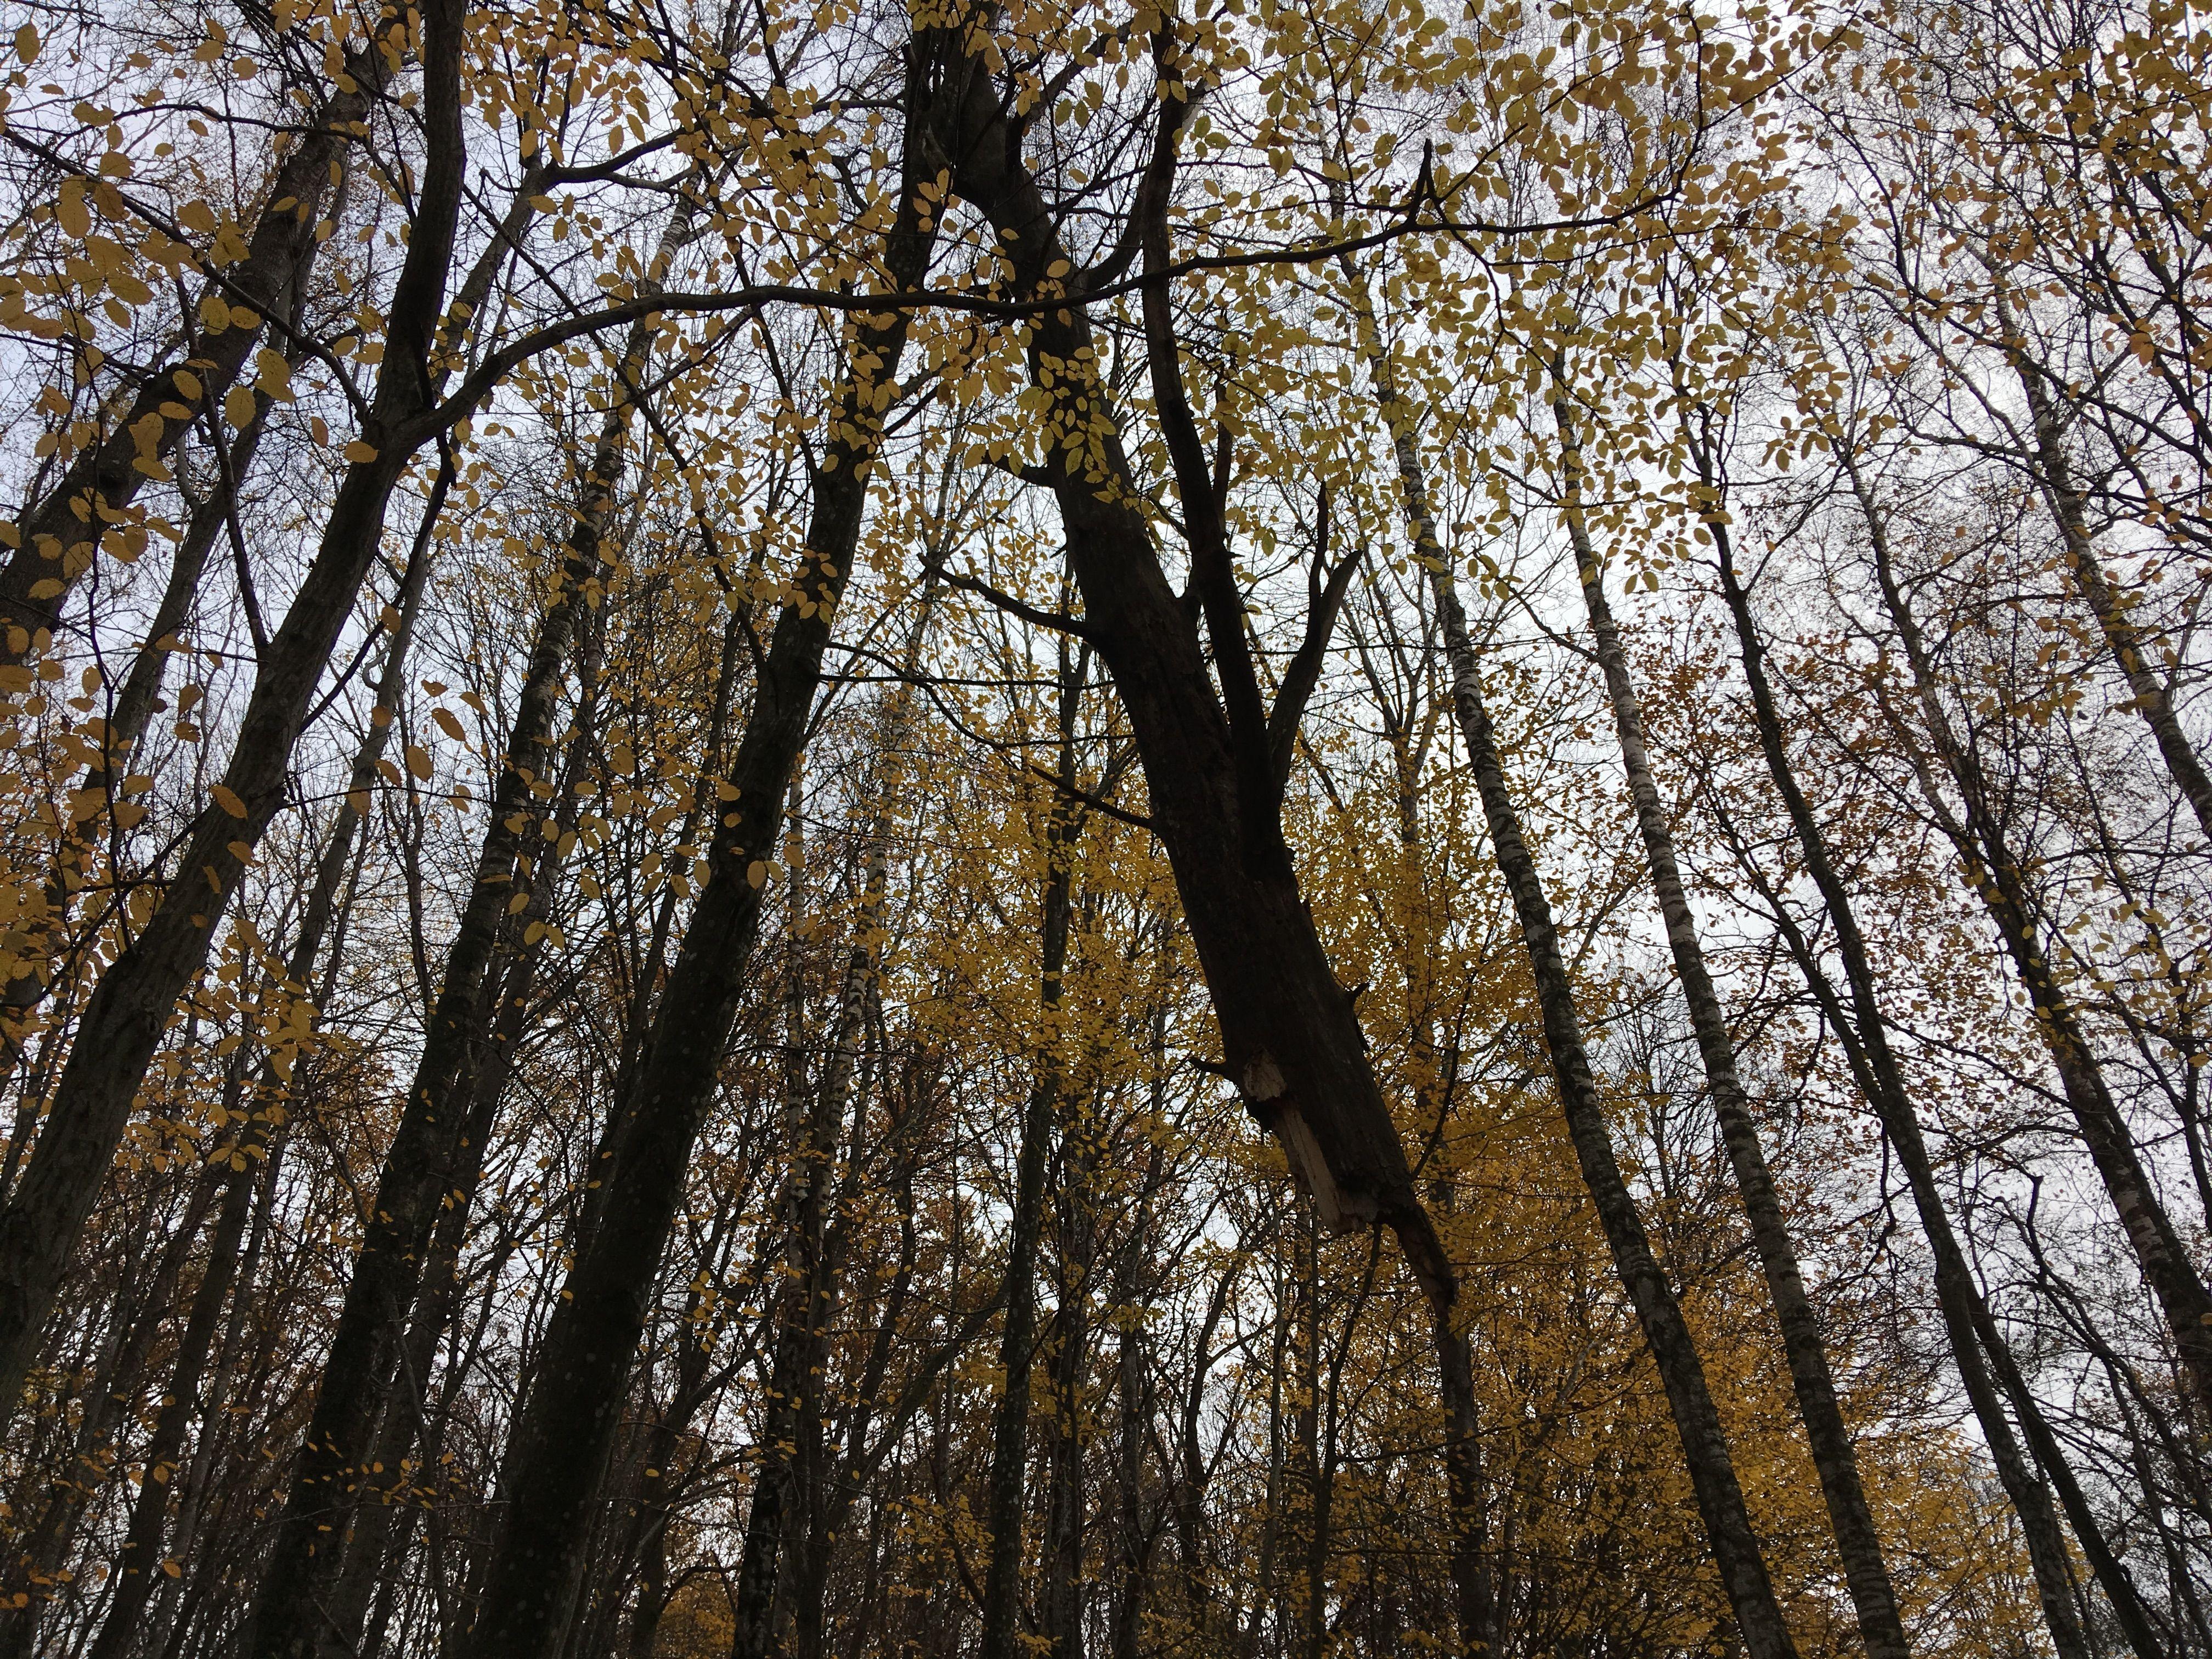 Висящий на деревьях кусок будущего валежника